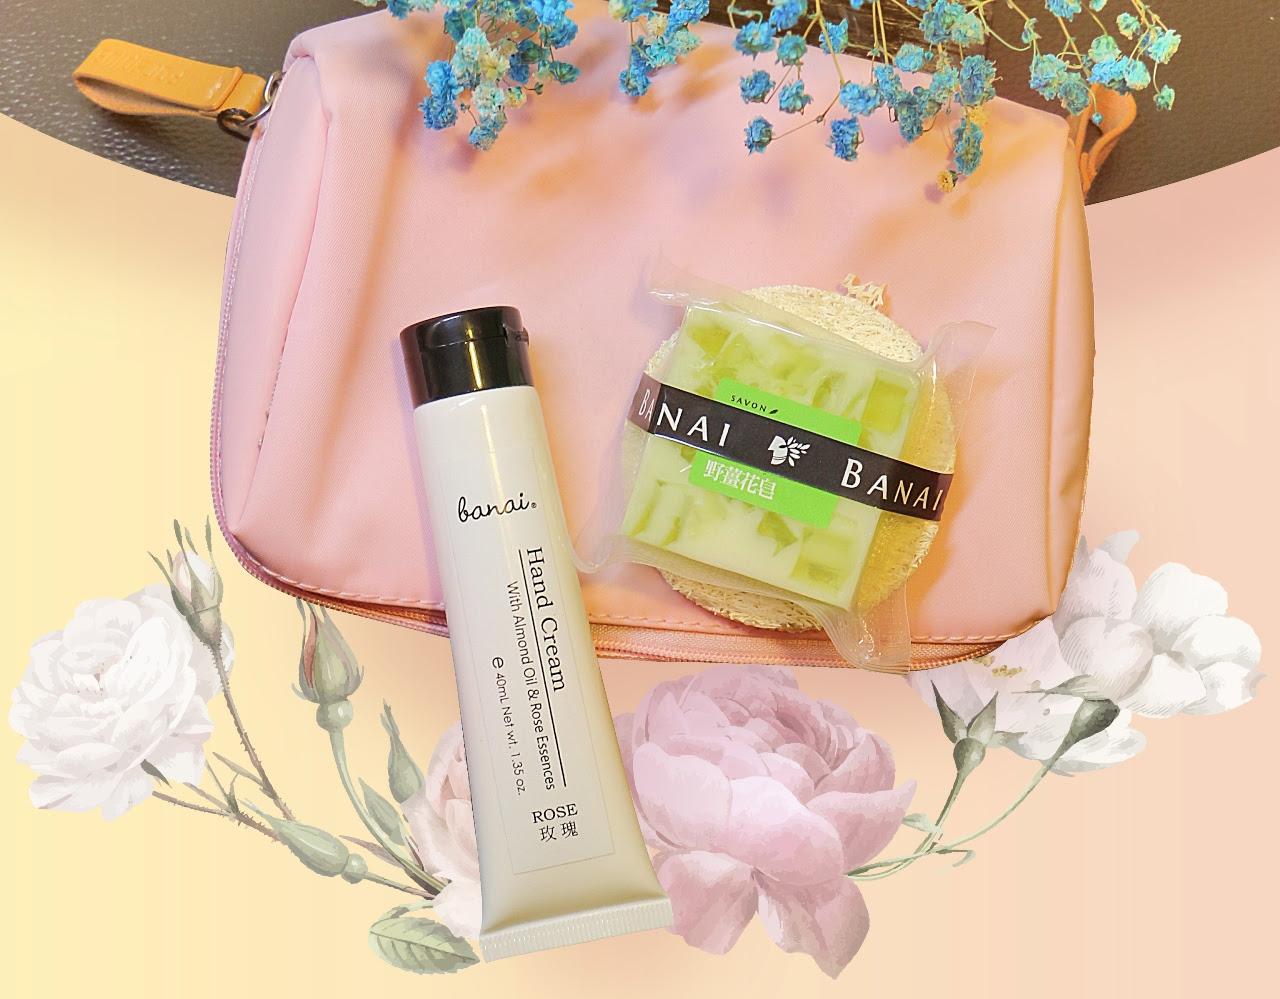 黎明機構與白娜手作一同邀您以馨香傳愛,幫助黎明結出美麗的稻穗。